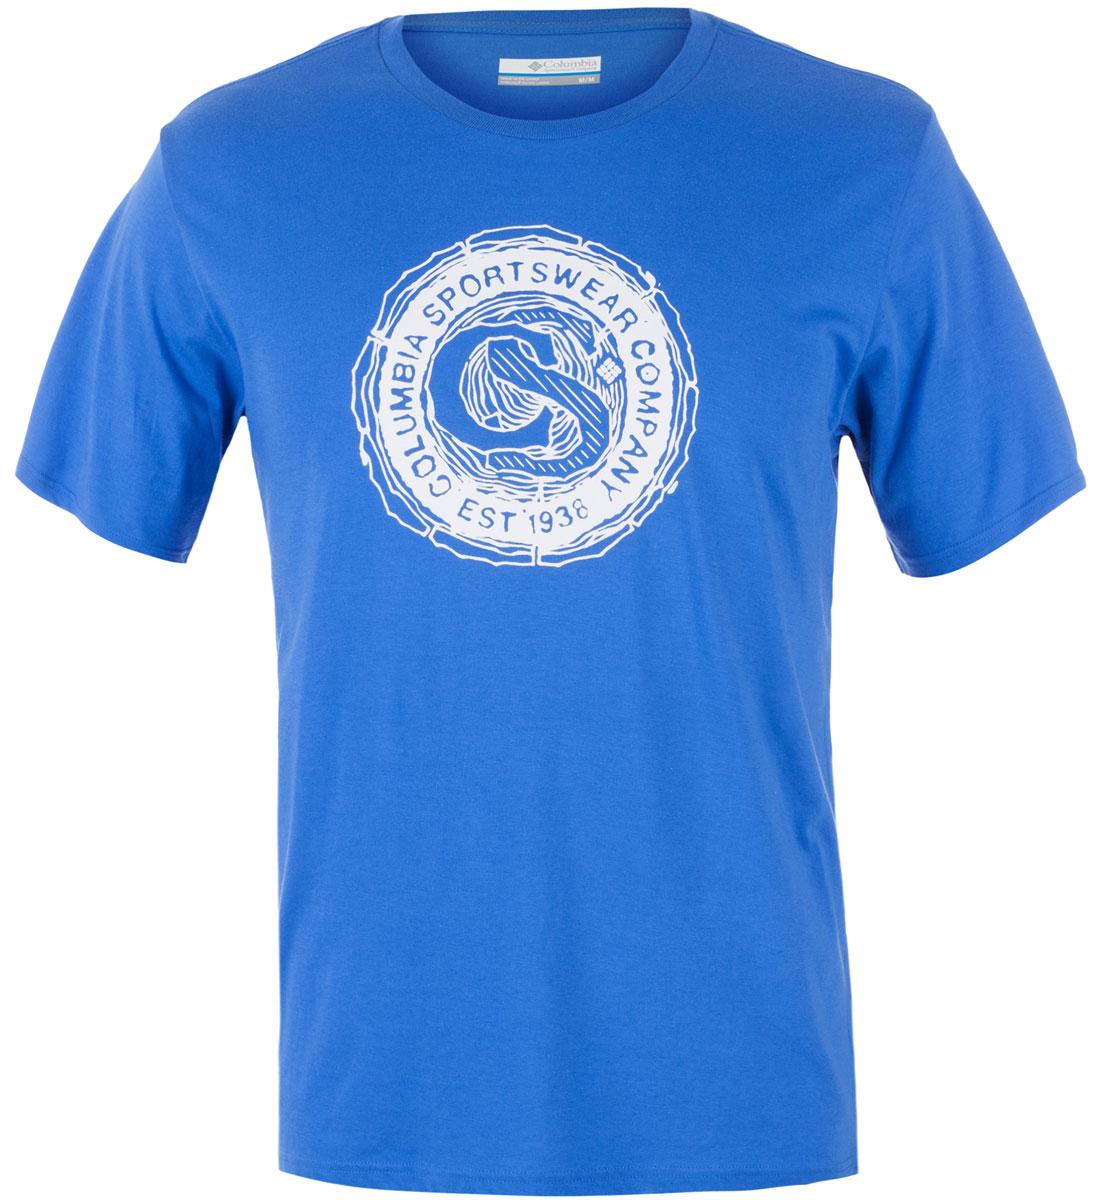 Футболка мужская Columbia Carved Ridge SS T-shirt, цвет: синий. 1713461-426. Размер M (46/48)1713461-426Футболка Columbia - оптимальный вариант для активного отдыха и повседневного использования. Модель выполнена из хлопка, что обеспечивает максимально комфортные ощущения во время использования. Крупный принт на груди придает изделию оригинальность.